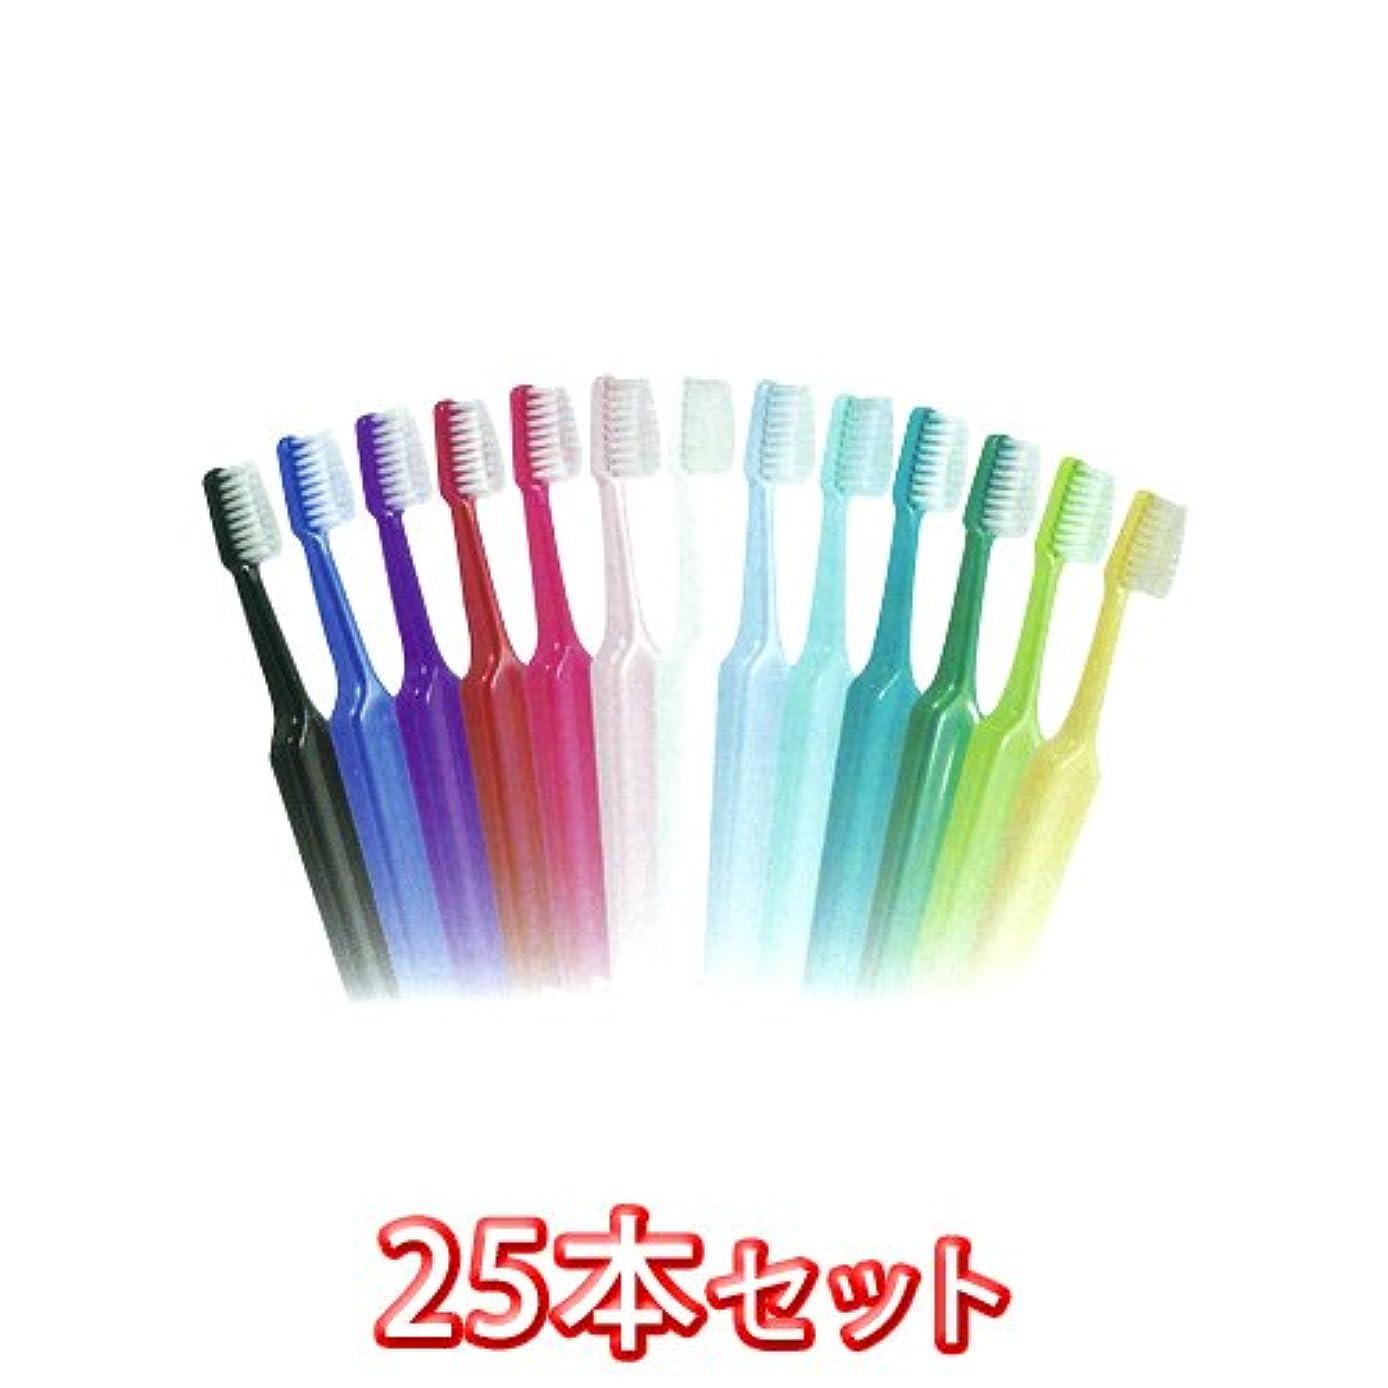 プレーヤーかける批判的にクロスフィールド TePe テペ セレクトミディアム 歯ブラシ 25本入